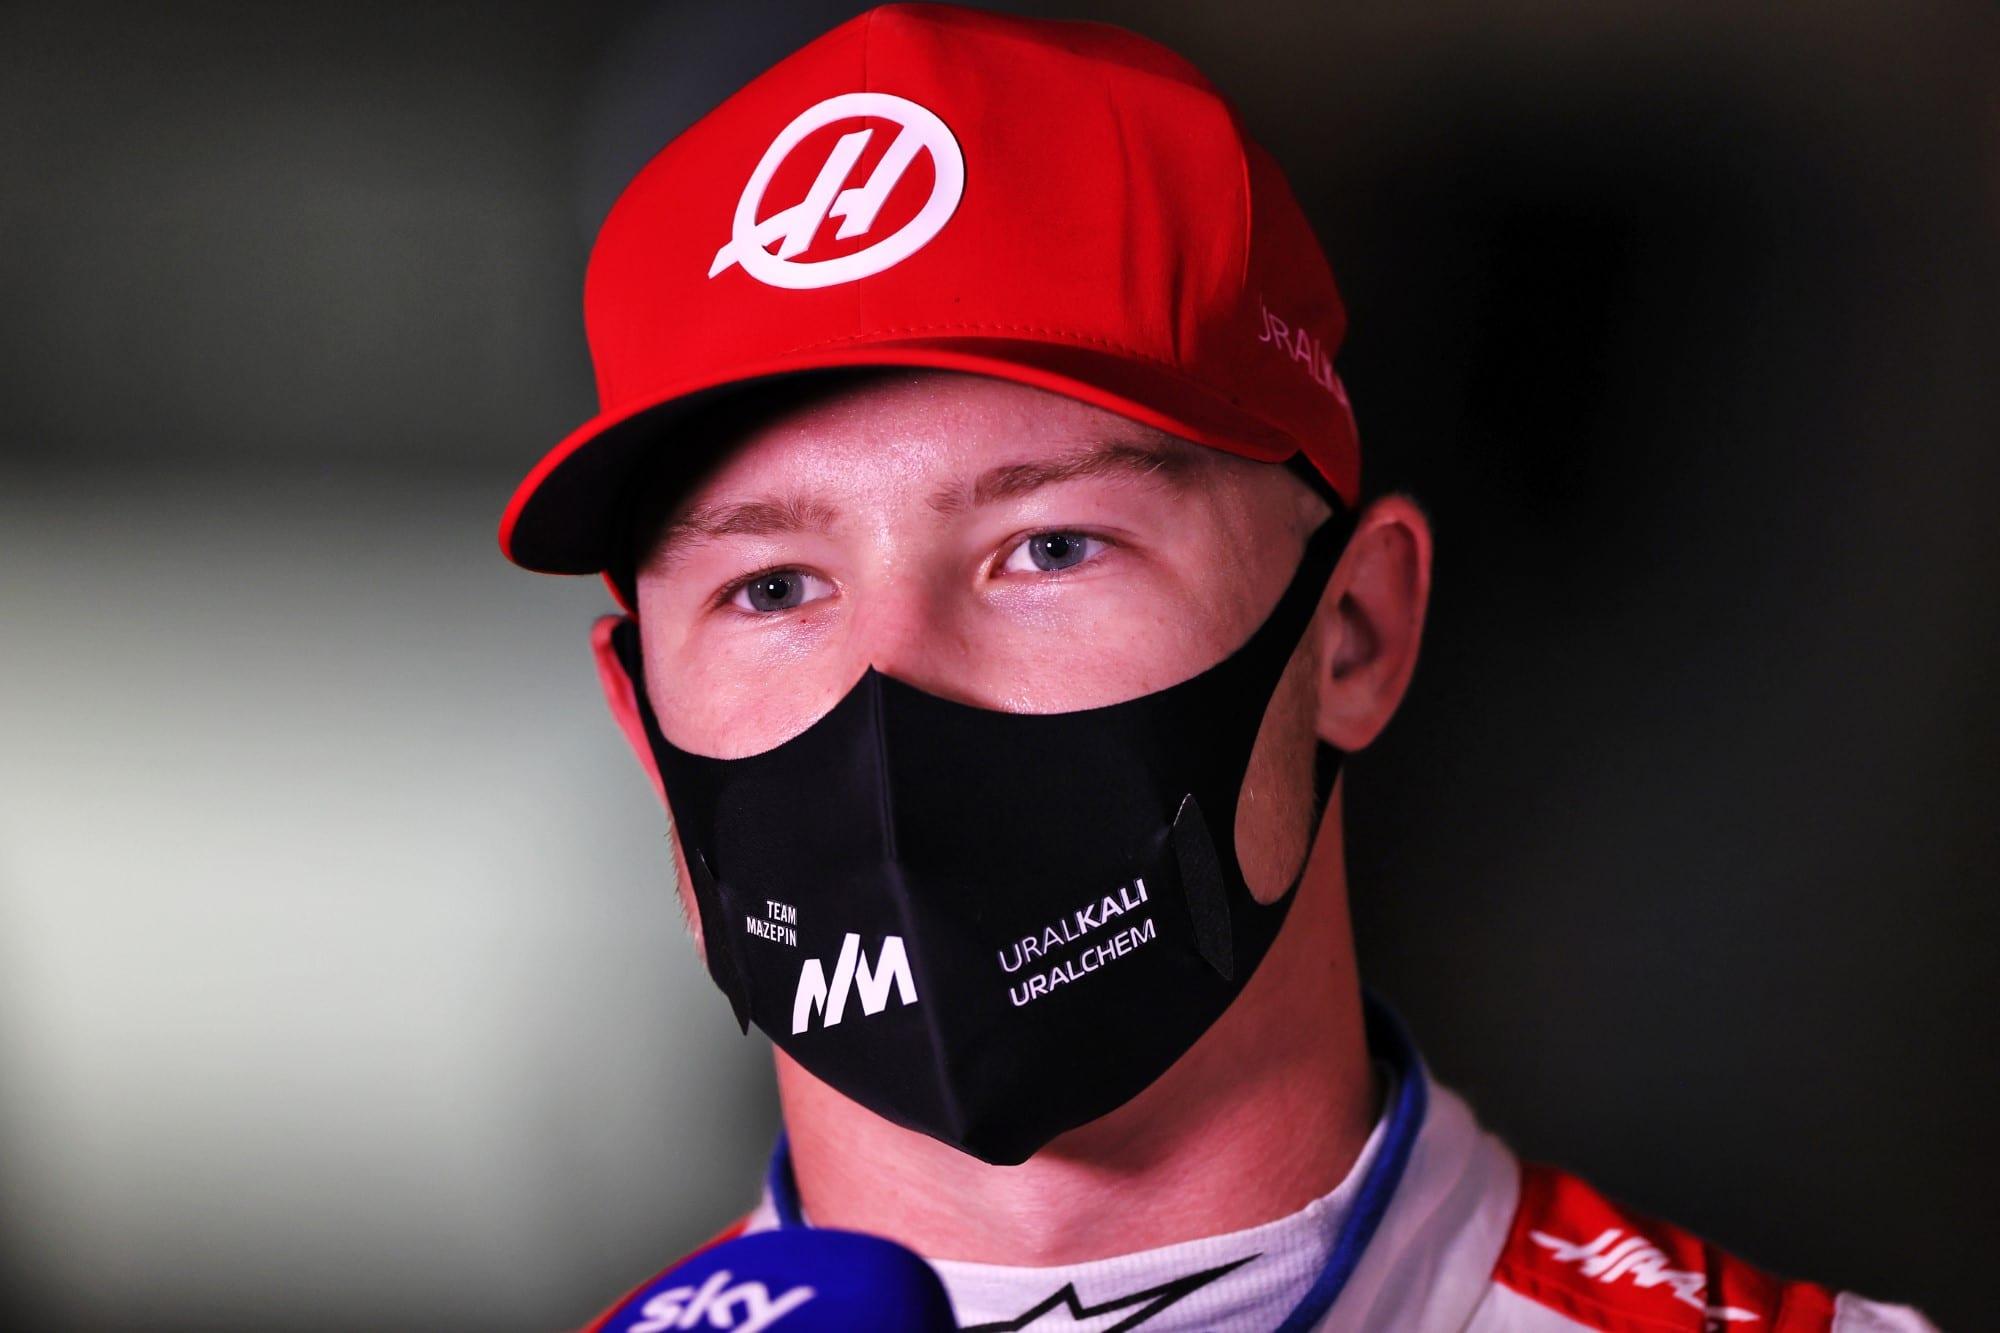 Mazepin questiona comentário de Hamilton sobre pilotos ricos na F1